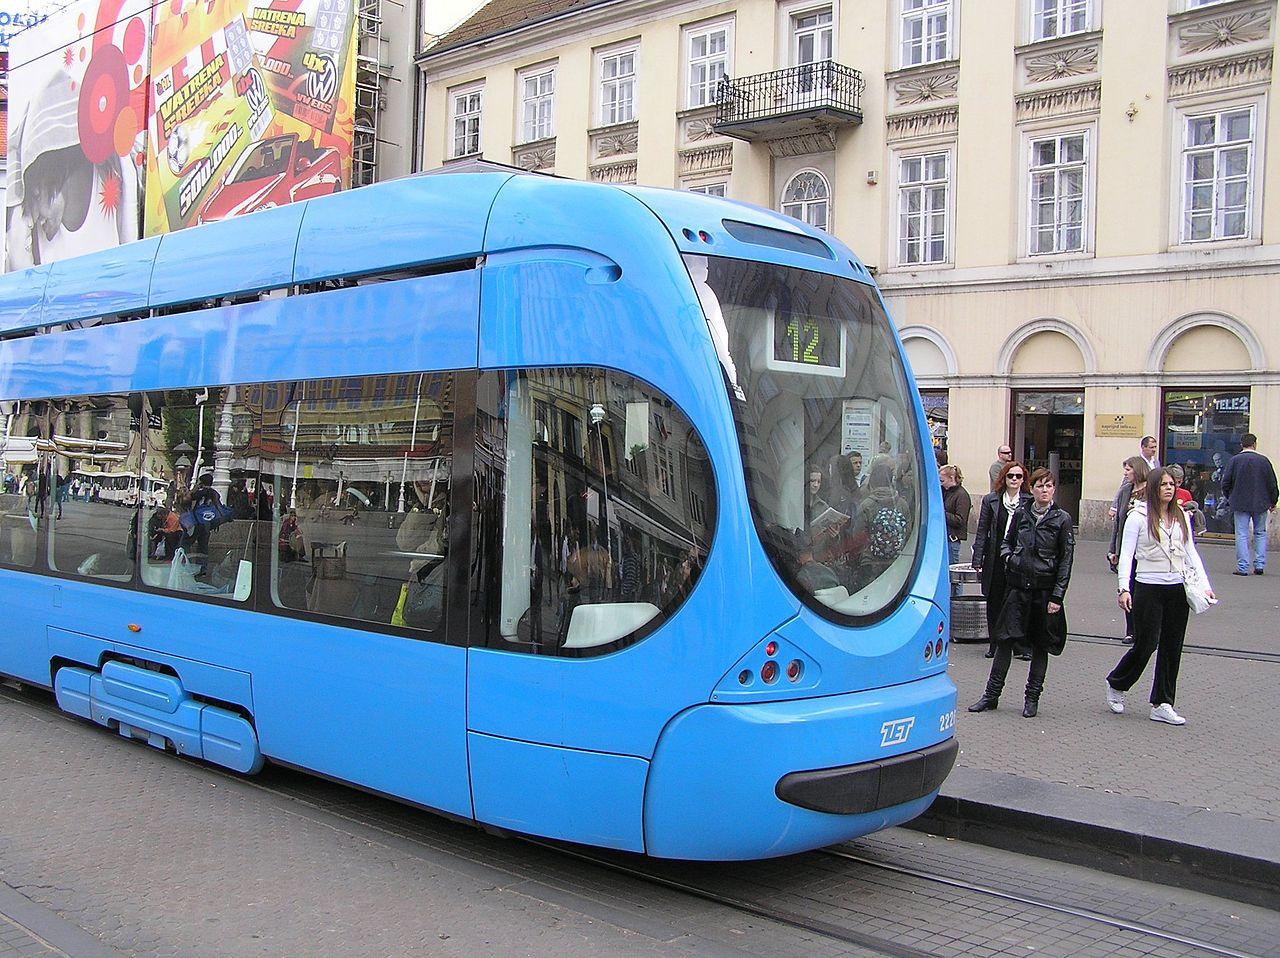 Transporte público em Zagreb